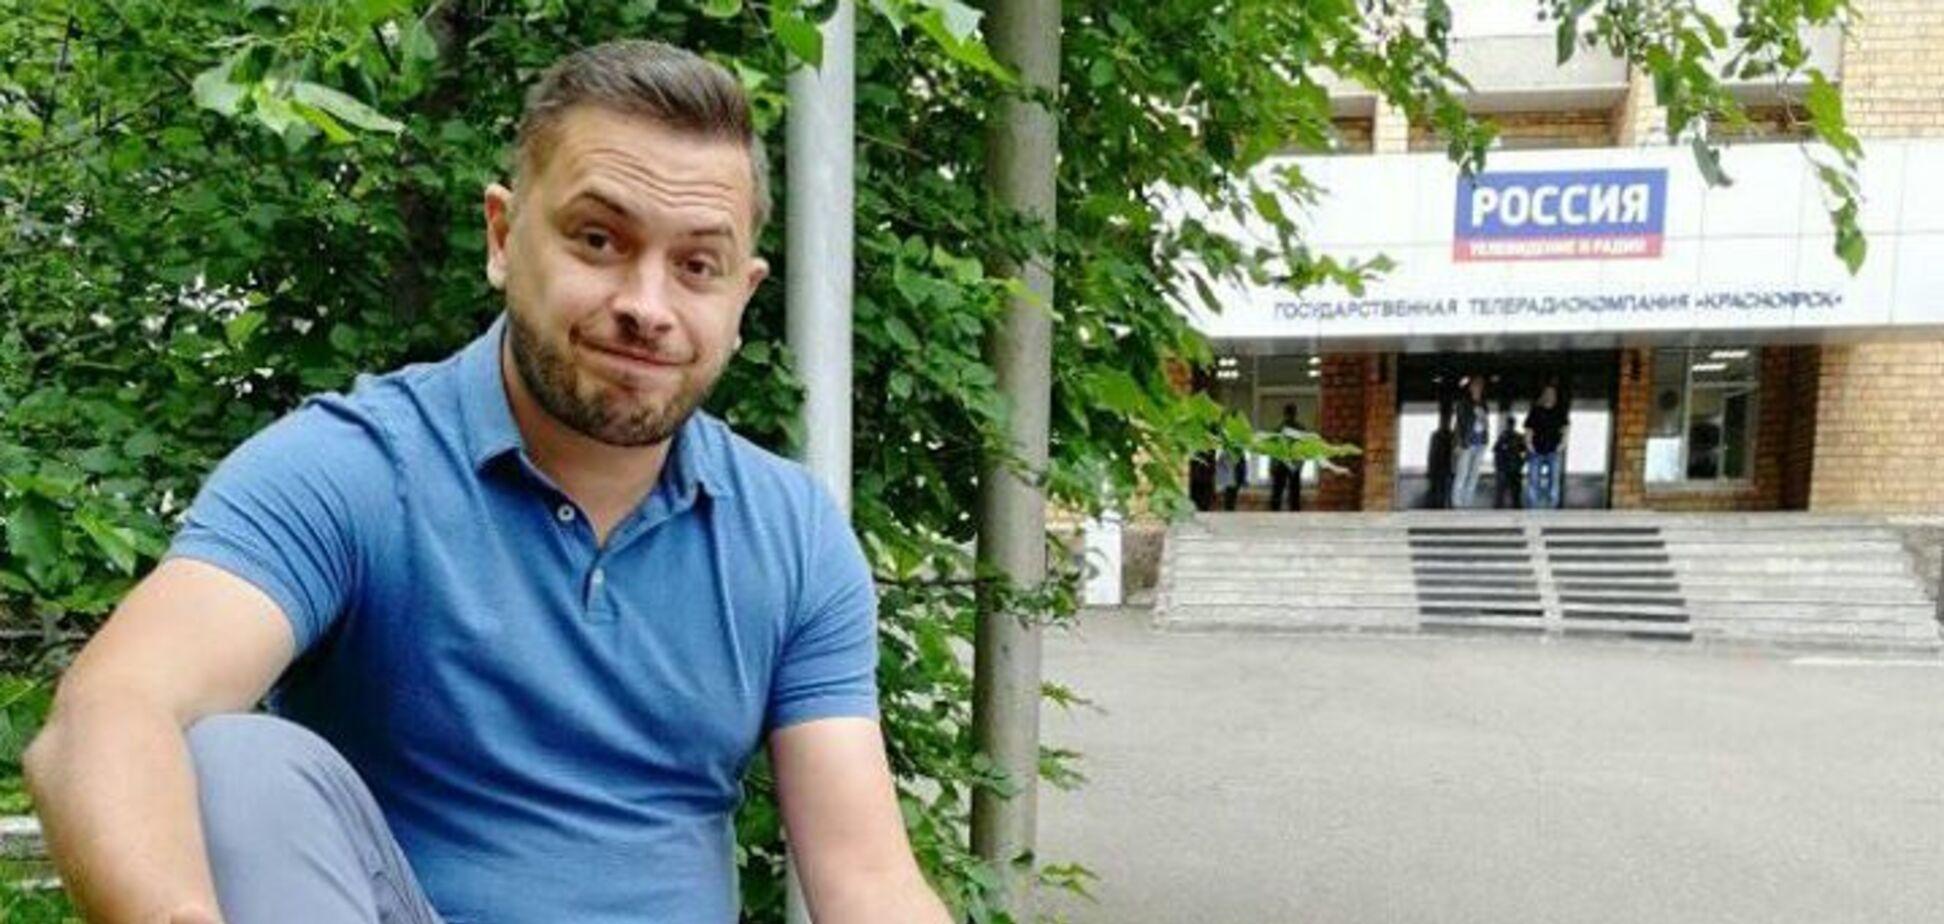 Журналіст каналу 'Россия 24' Жарінов звільнився